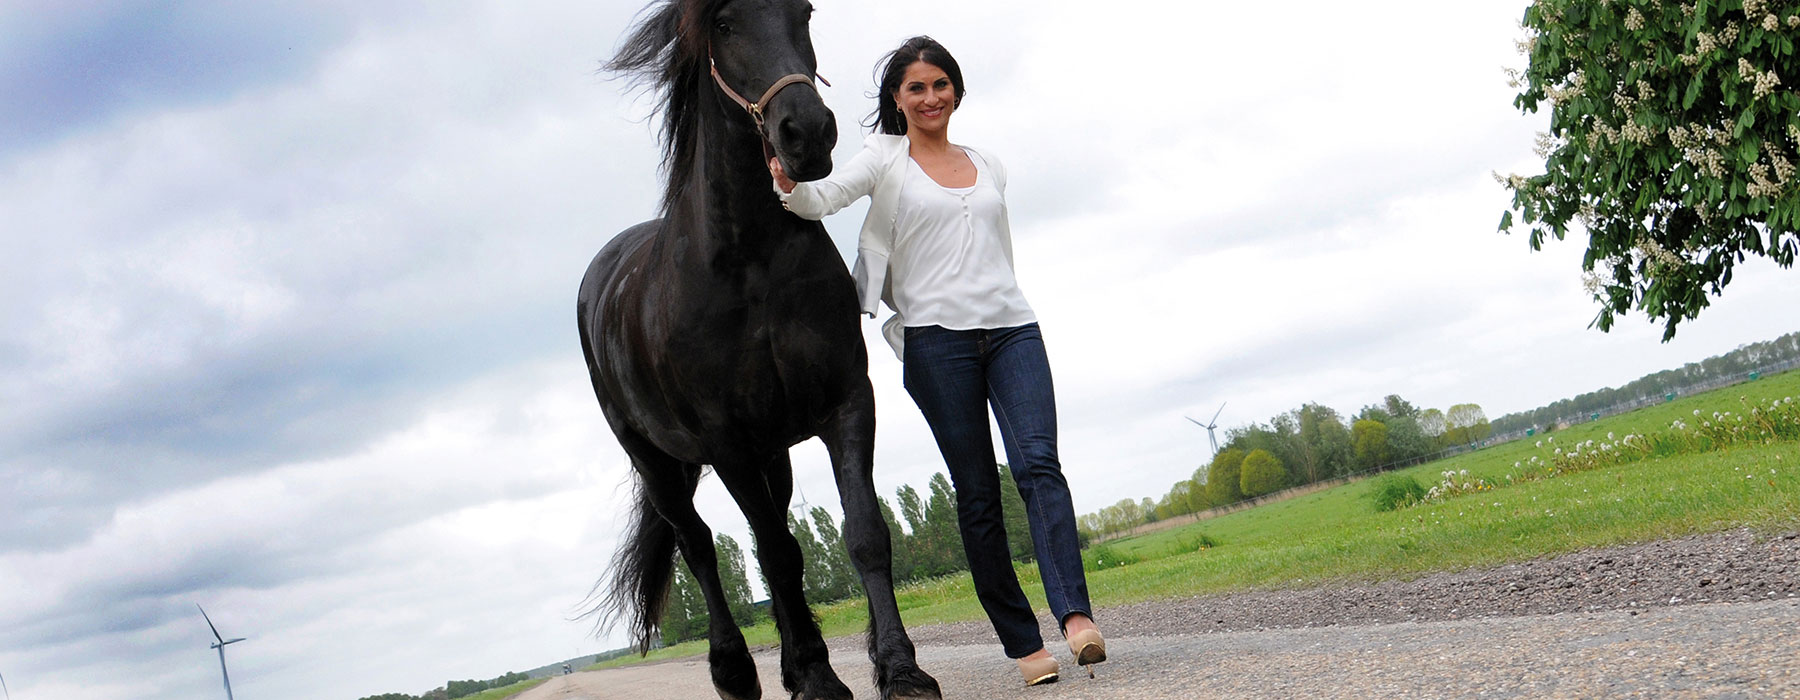 Turkije Meral Halaceli, boek Tutti frutti, het succes van kleurrijk en ondernemend Nederland